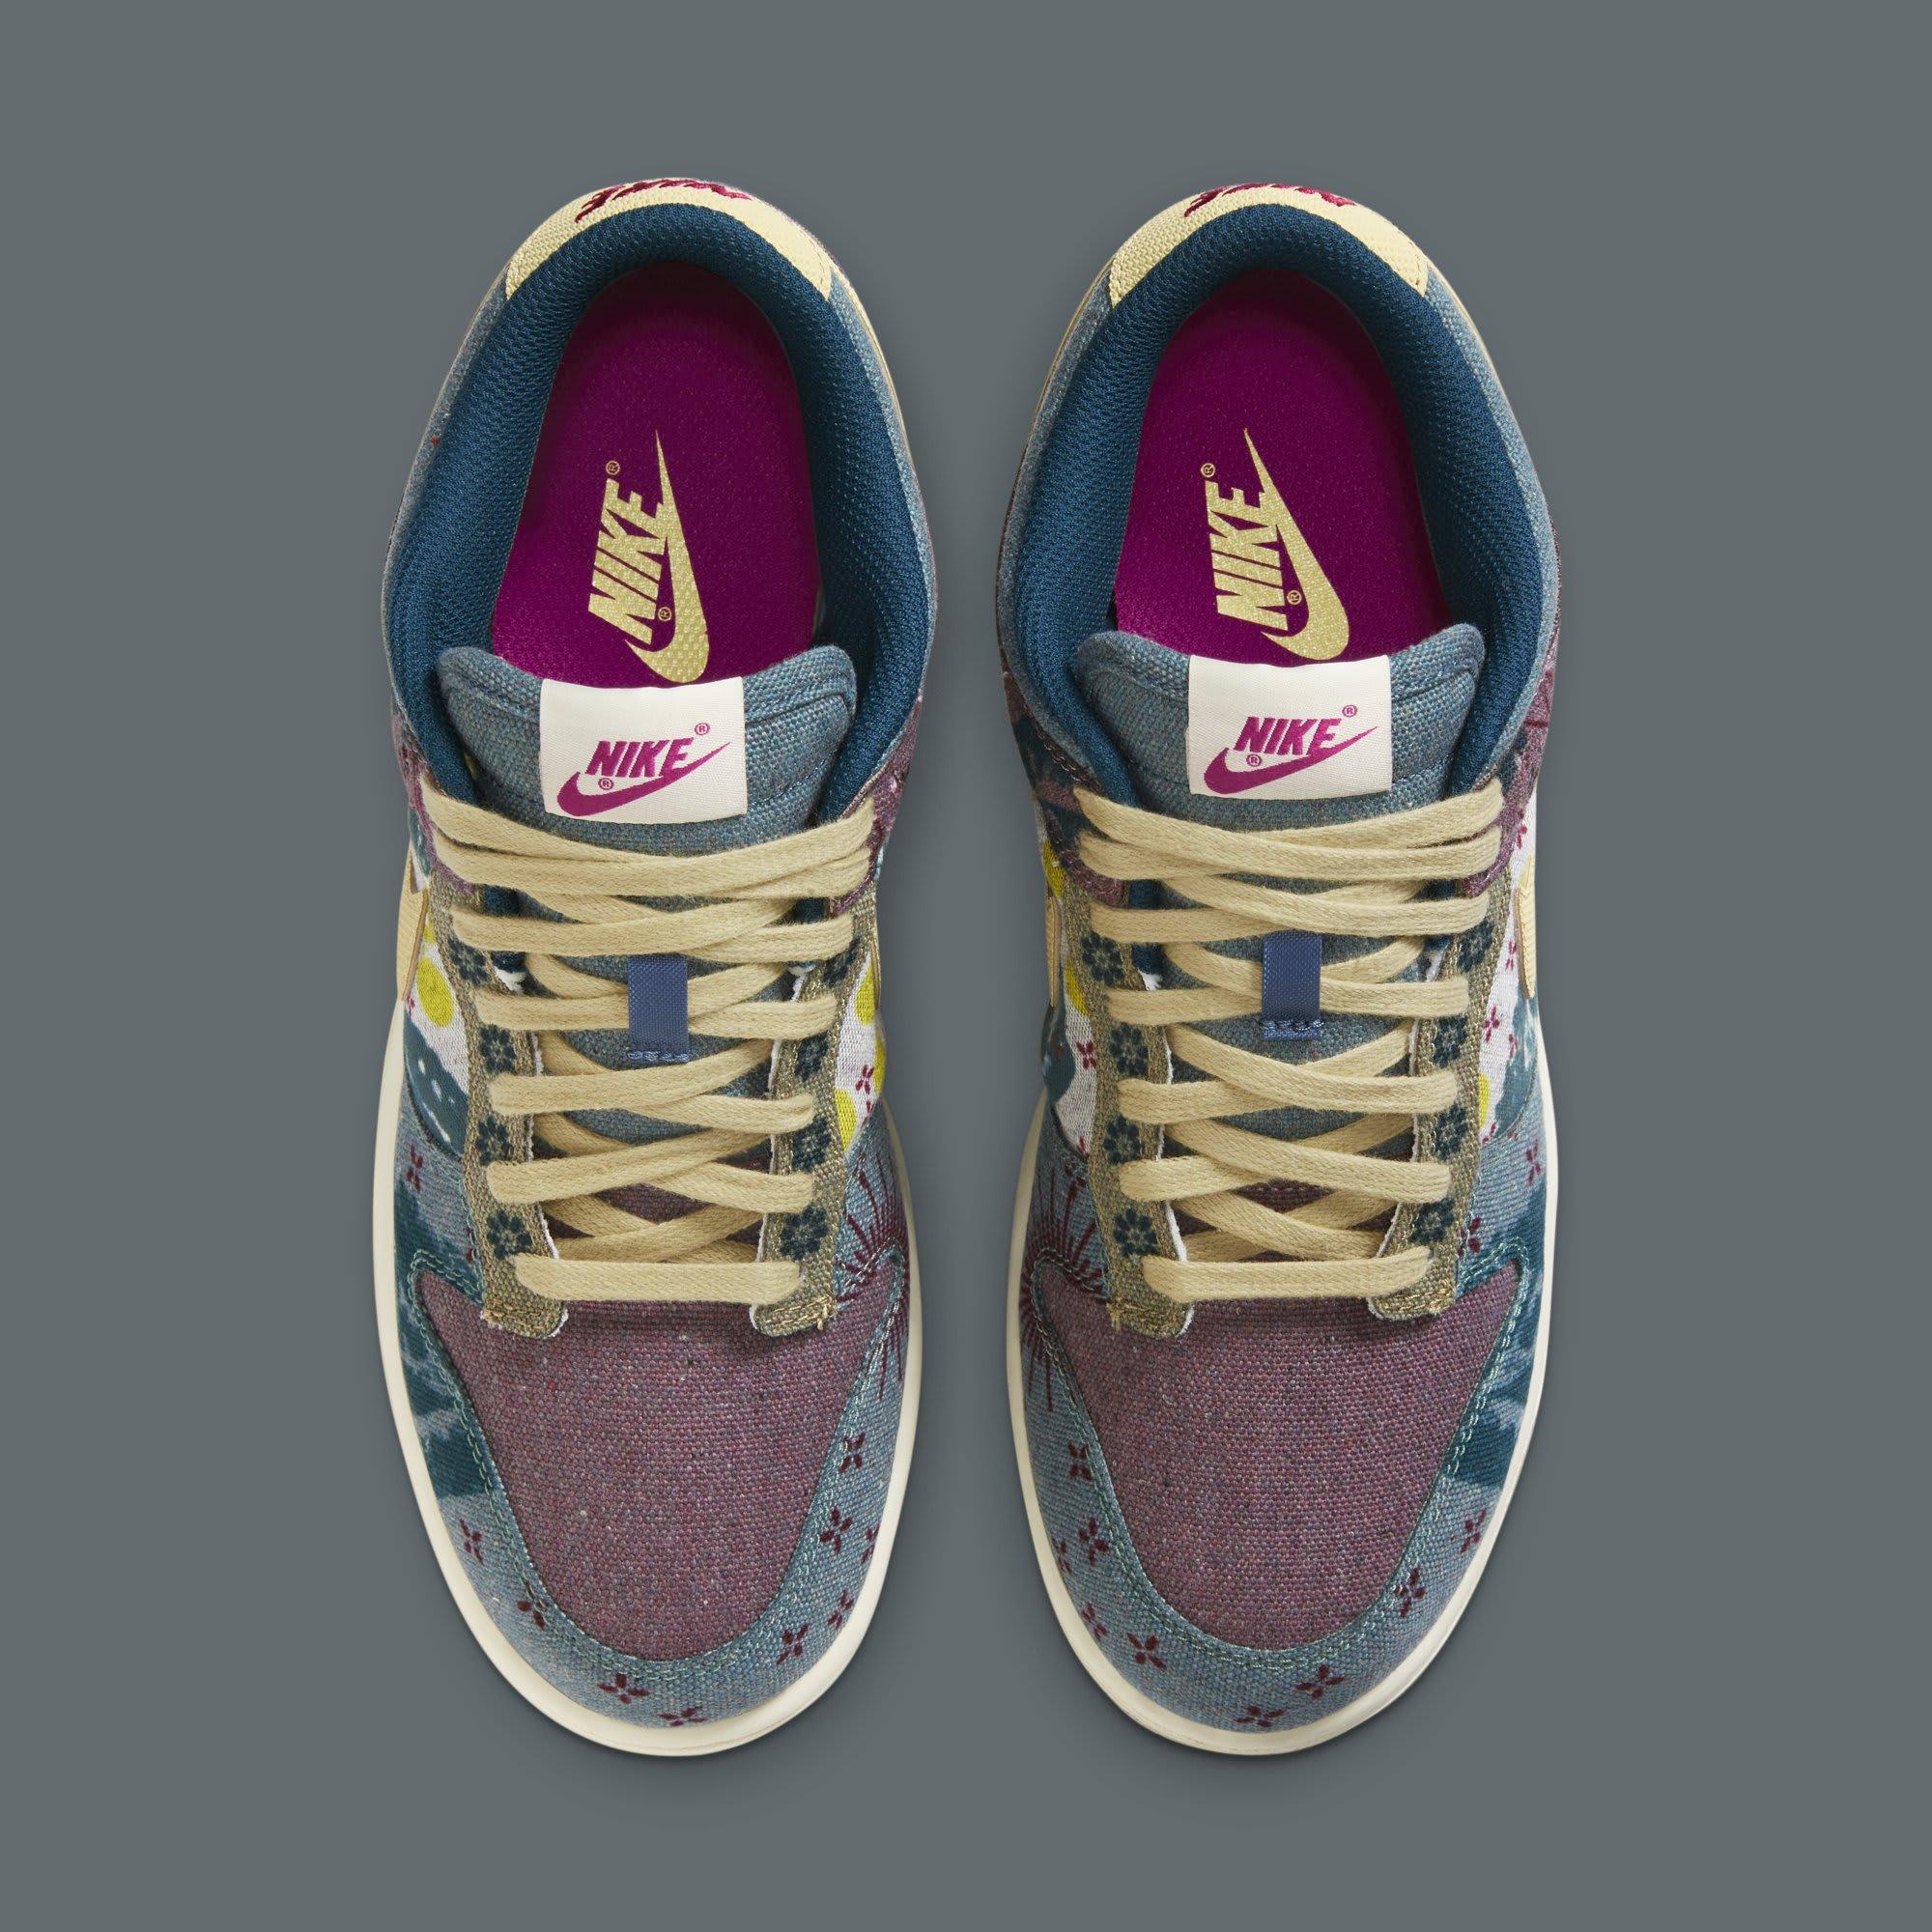 Nike Dunk Low SP 'Lemon Wash' CZ9747-900 Top